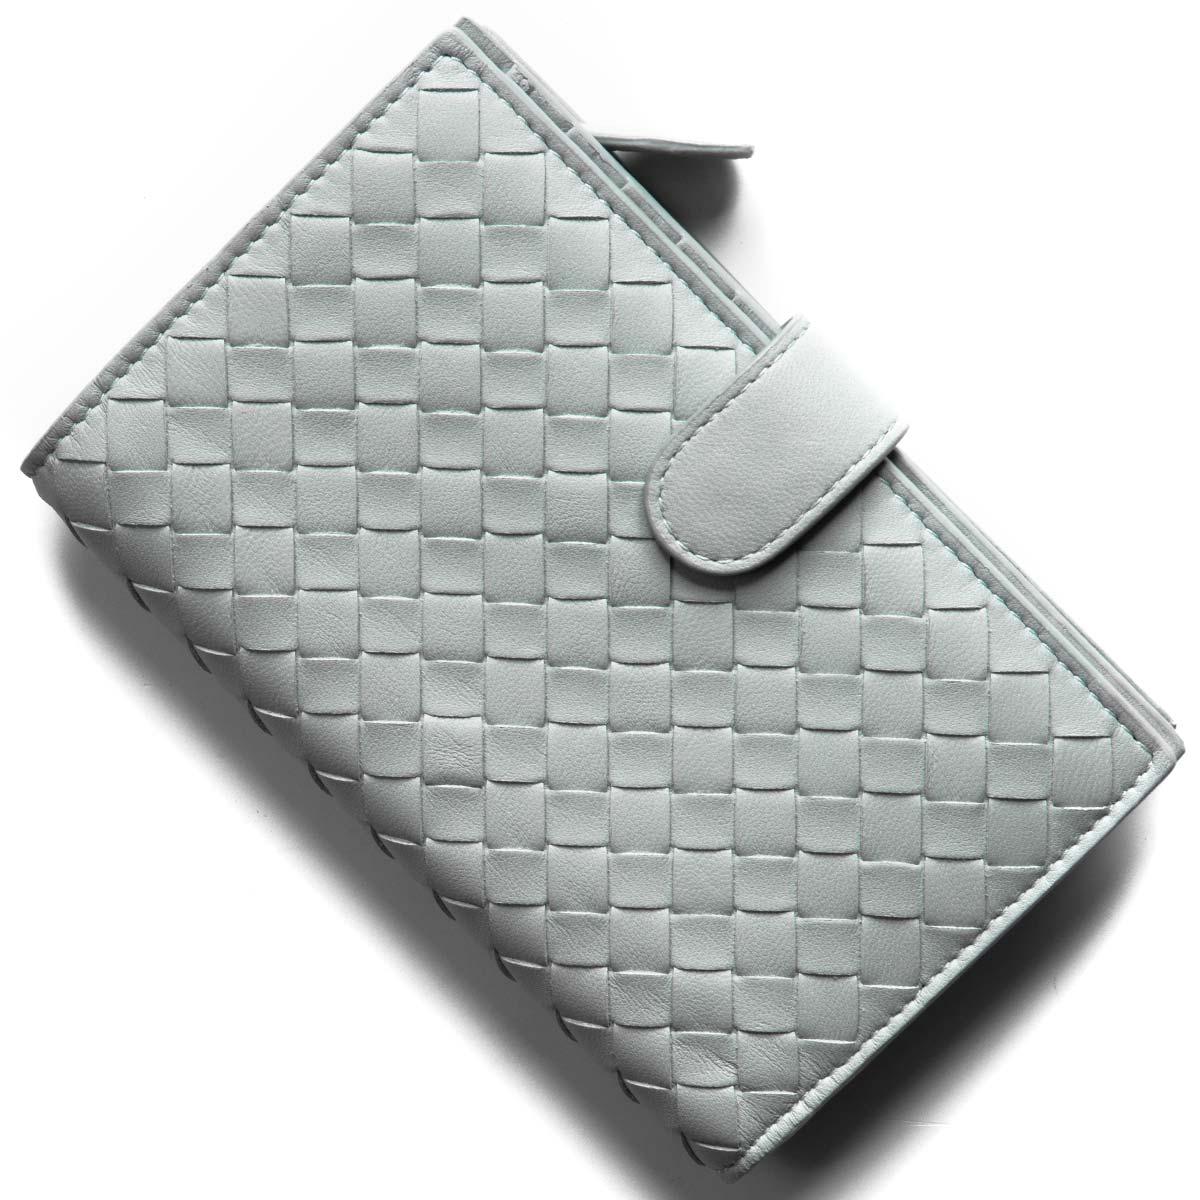 ボッテガヴェネタ (ボッテガ・ヴェネタ) 二つ折り財布 財布 レディース イントレチャート ナッパ アンティークブルー 121060 V001N 4916 BOTTEGA VENETA